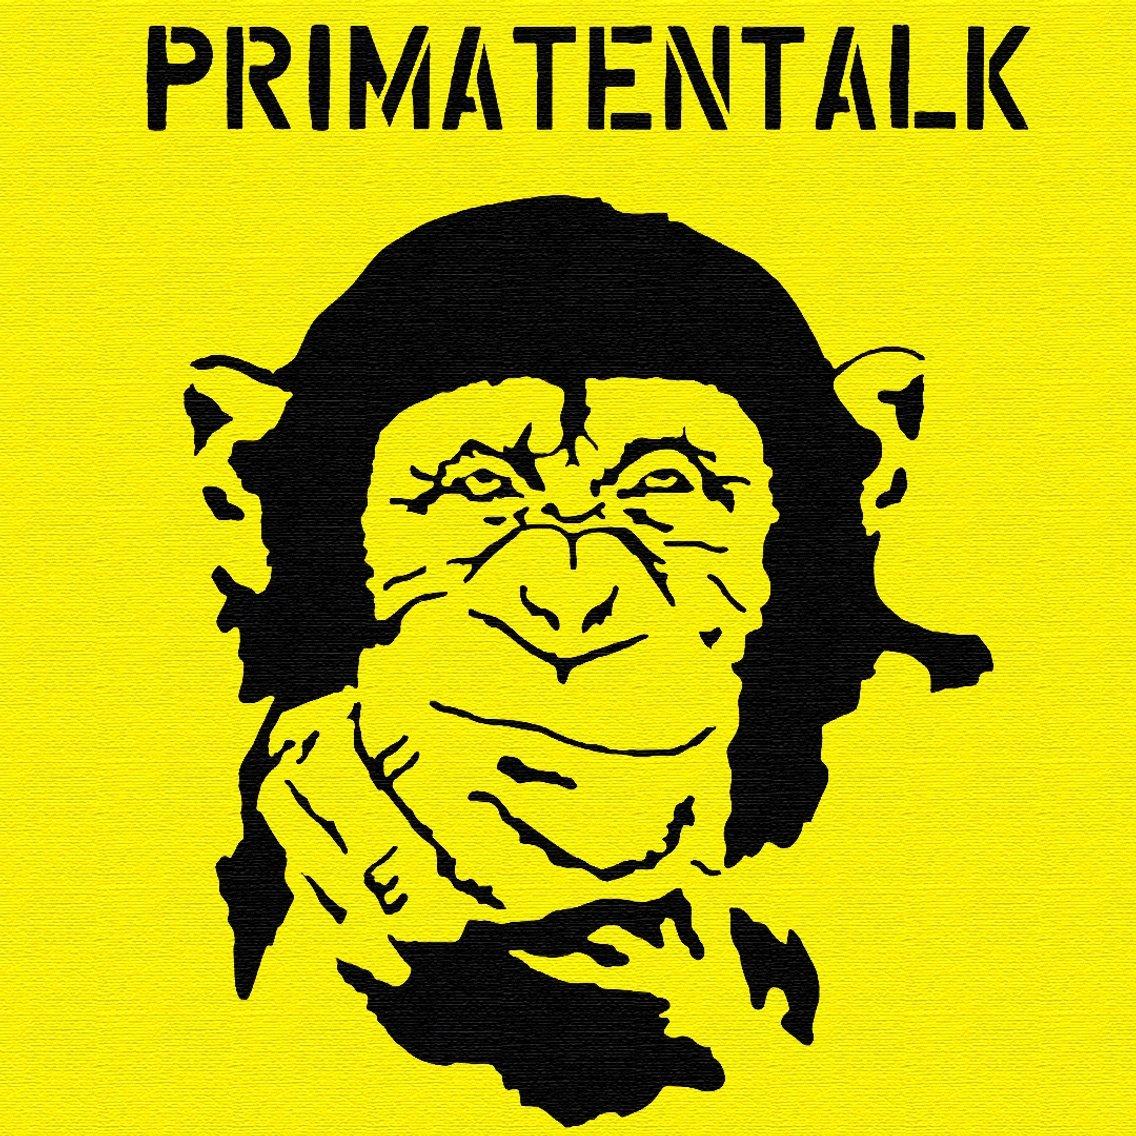 Primatentalk - Cover Image